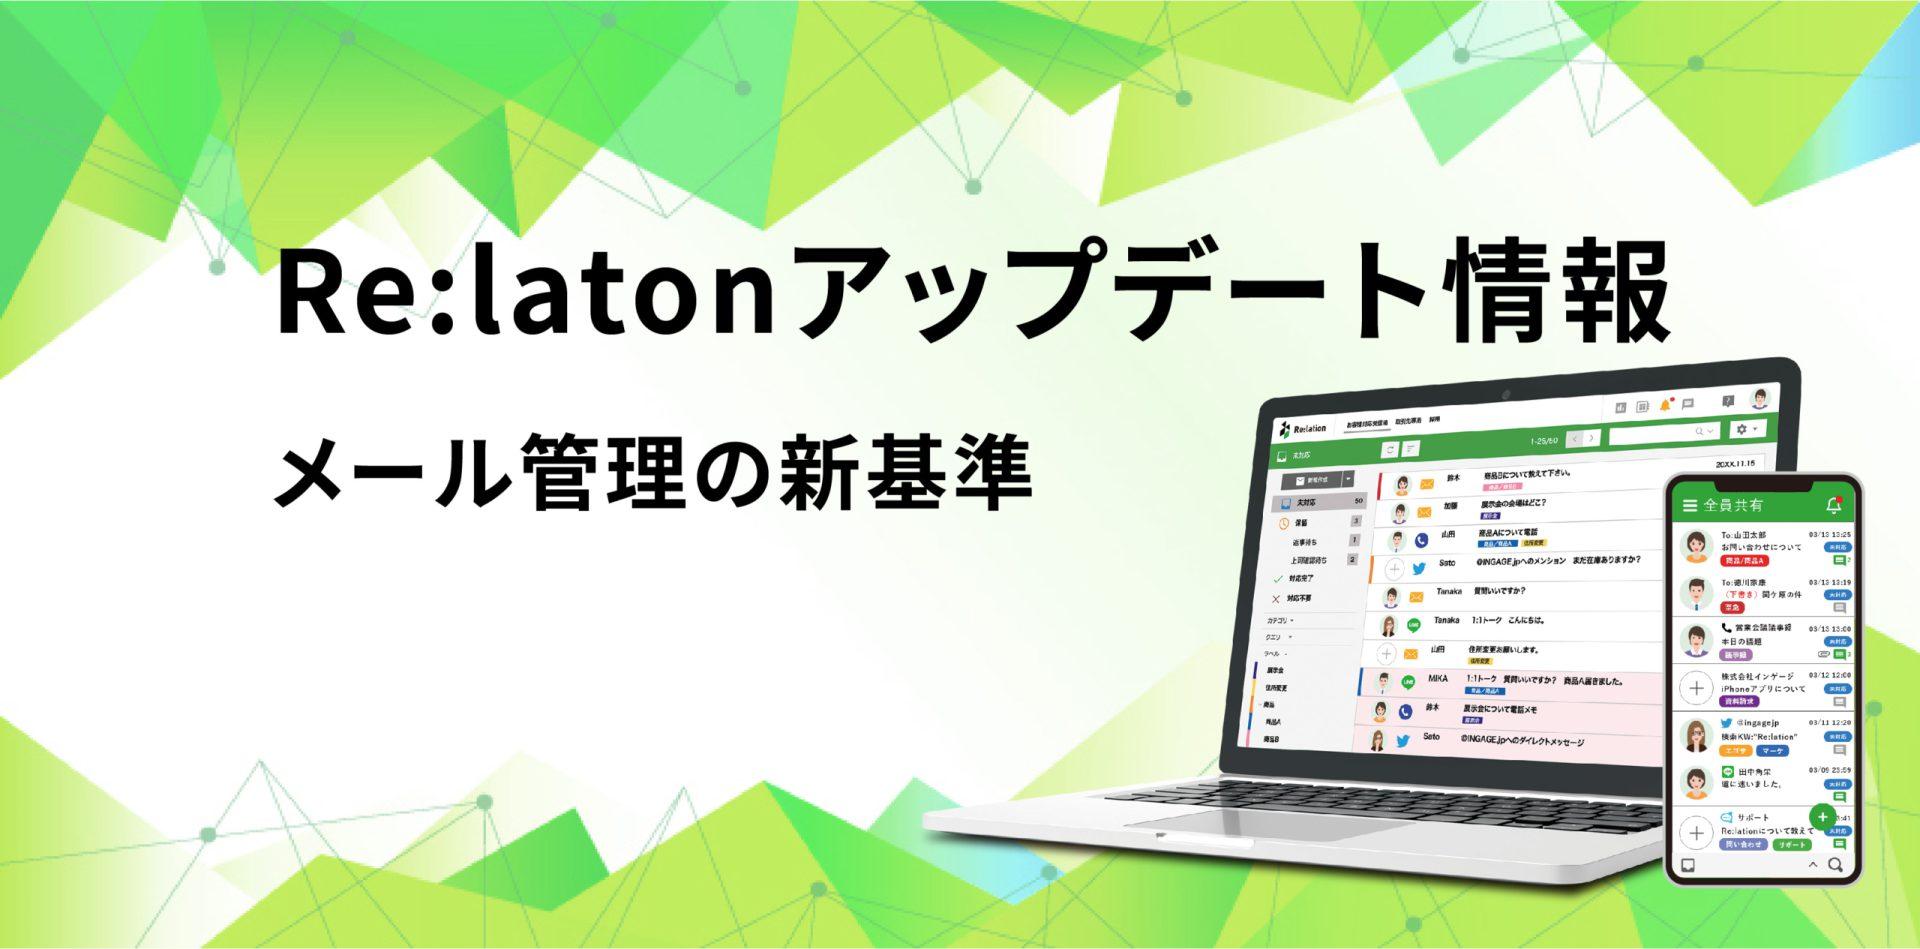 テレワーク時代のメール管理「Re:lation(リレーション)」1.14アップデート